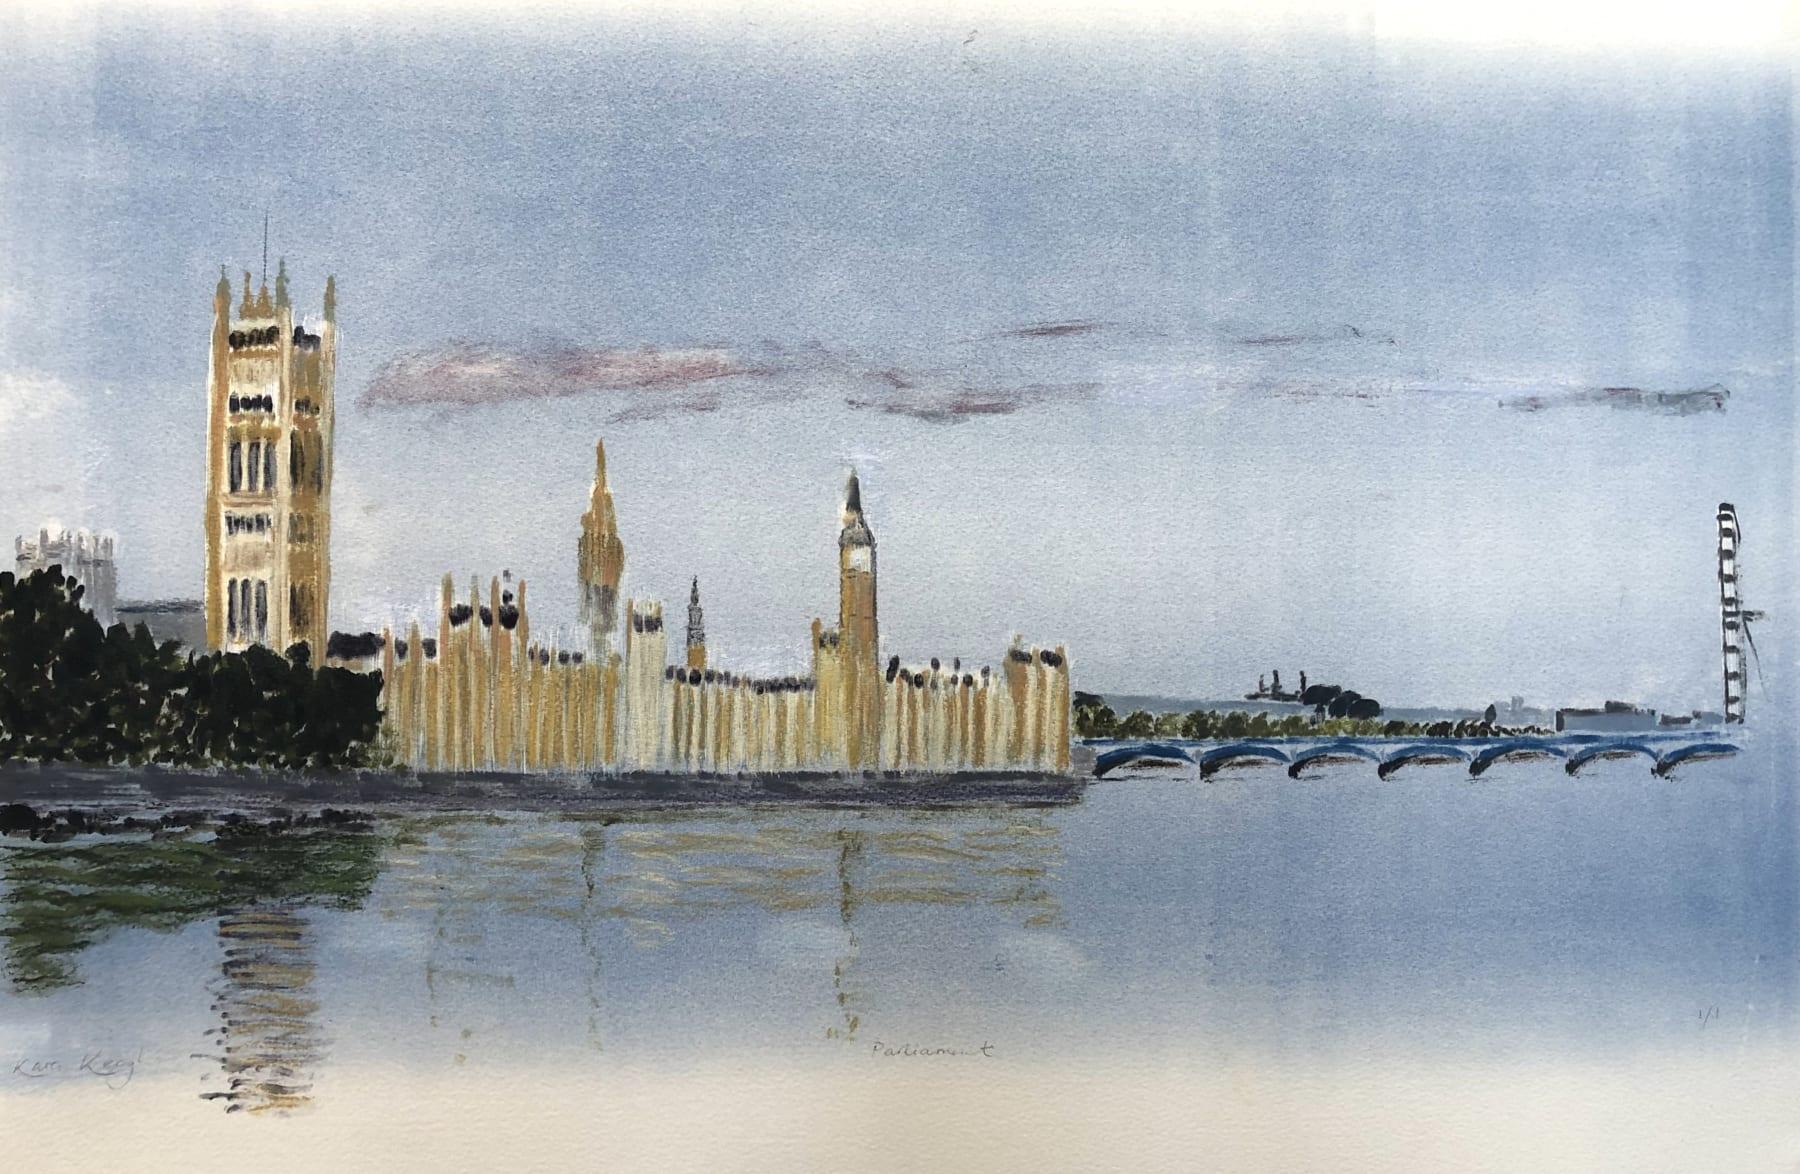 Summer Auction 2020, LOT 95 - Karen Keogh - 'Parliament', 2020